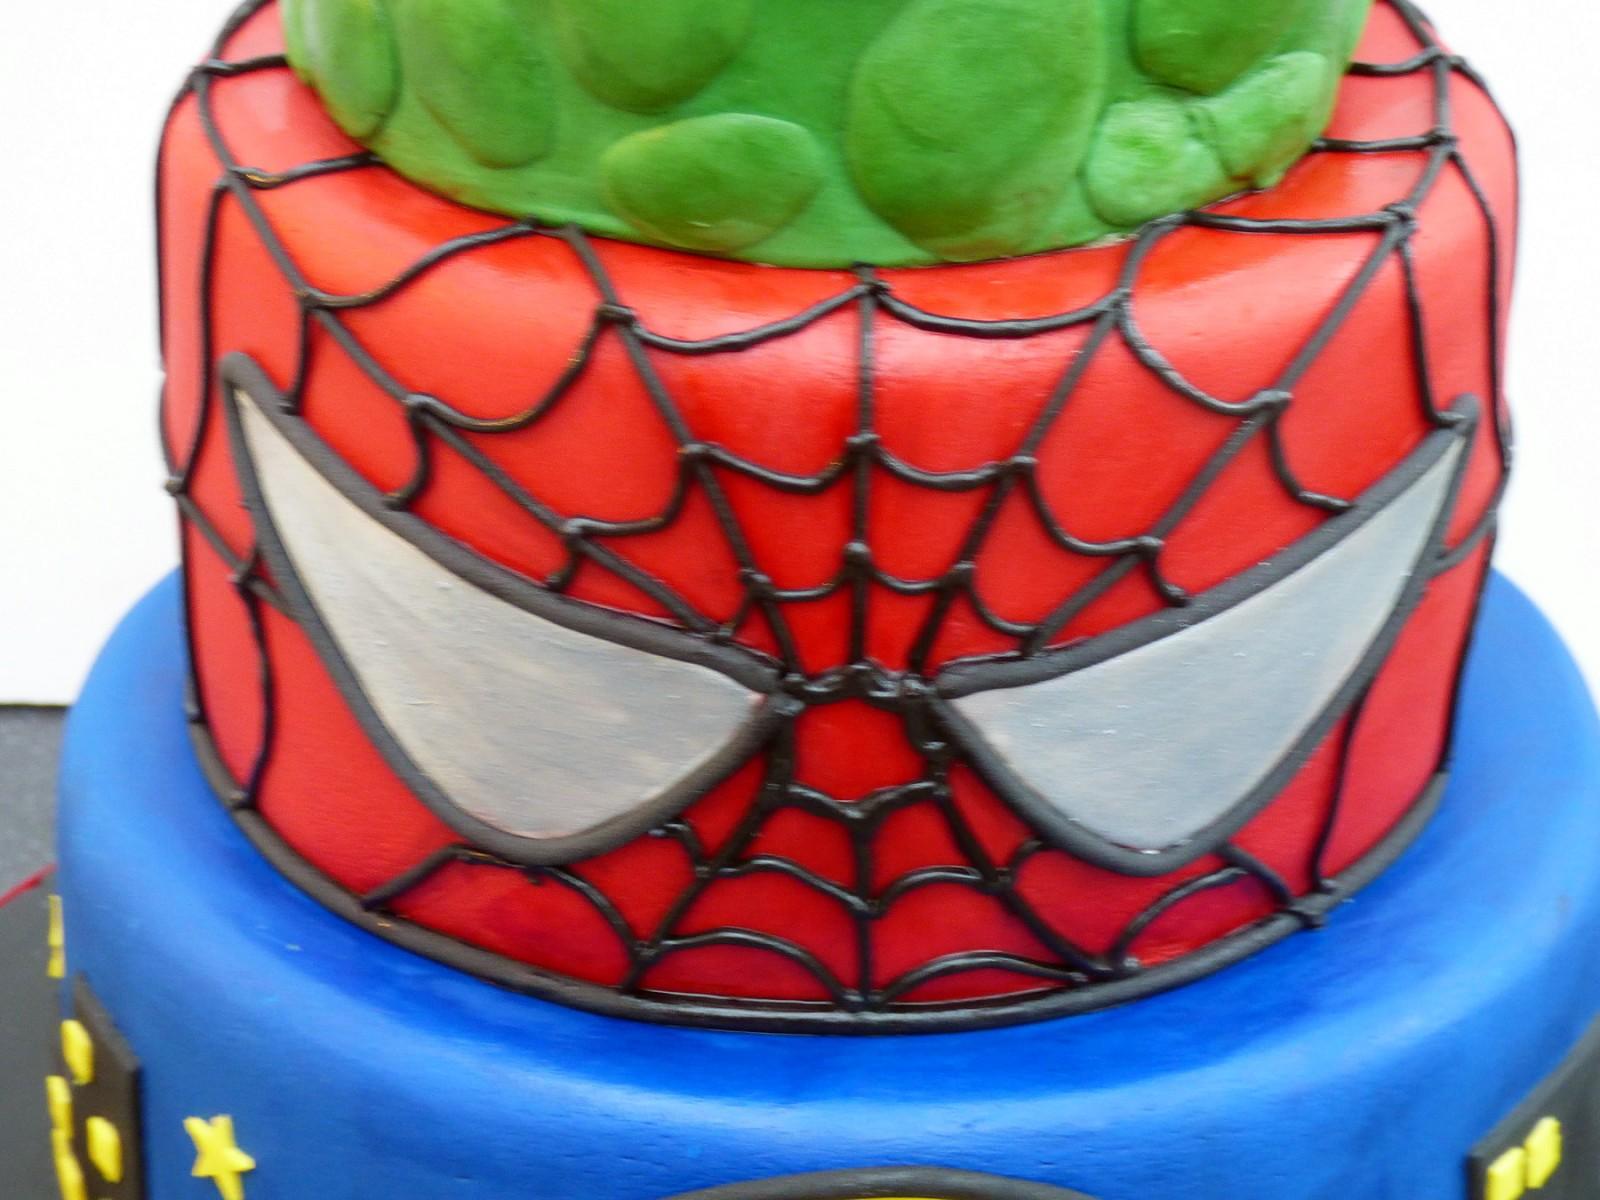 Incredible Marvel Super Heroes Birthday Cake Susies Cakes Personalised Birthday Cards Veneteletsinfo